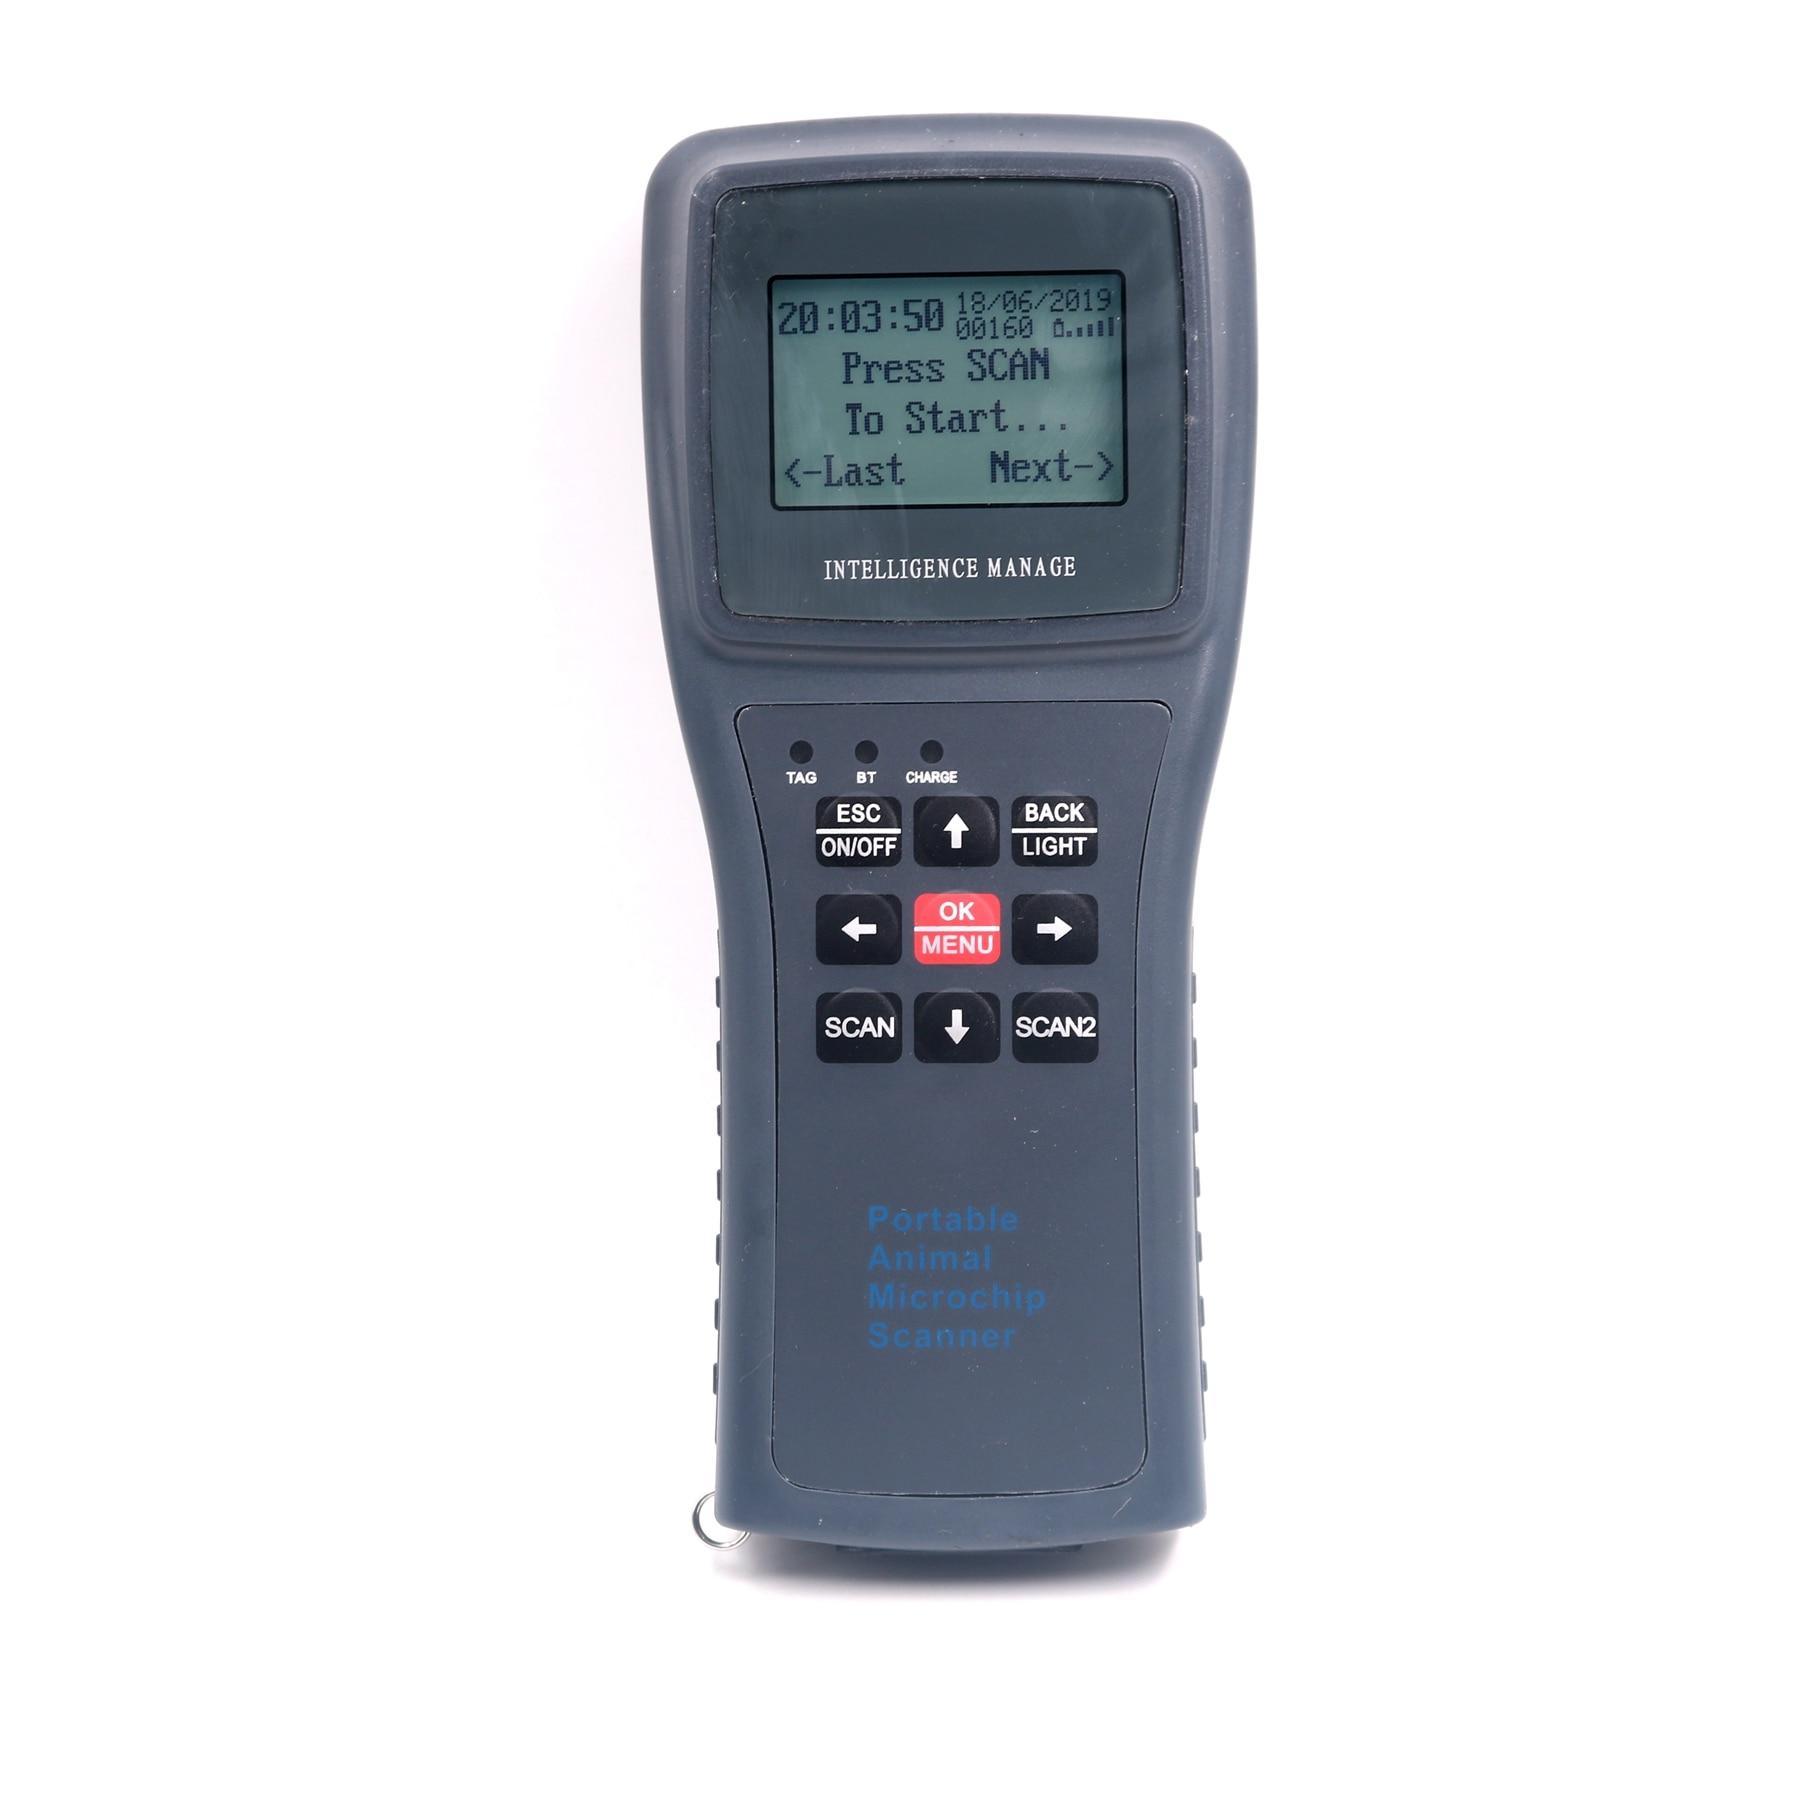 Lecteur tenu dans la main ISO11785/84 FDX-B d'étiquette d'oreille d'animal de Scanner de puce d'animal portatif de mémoire de longue Distance de 134.2 KHz